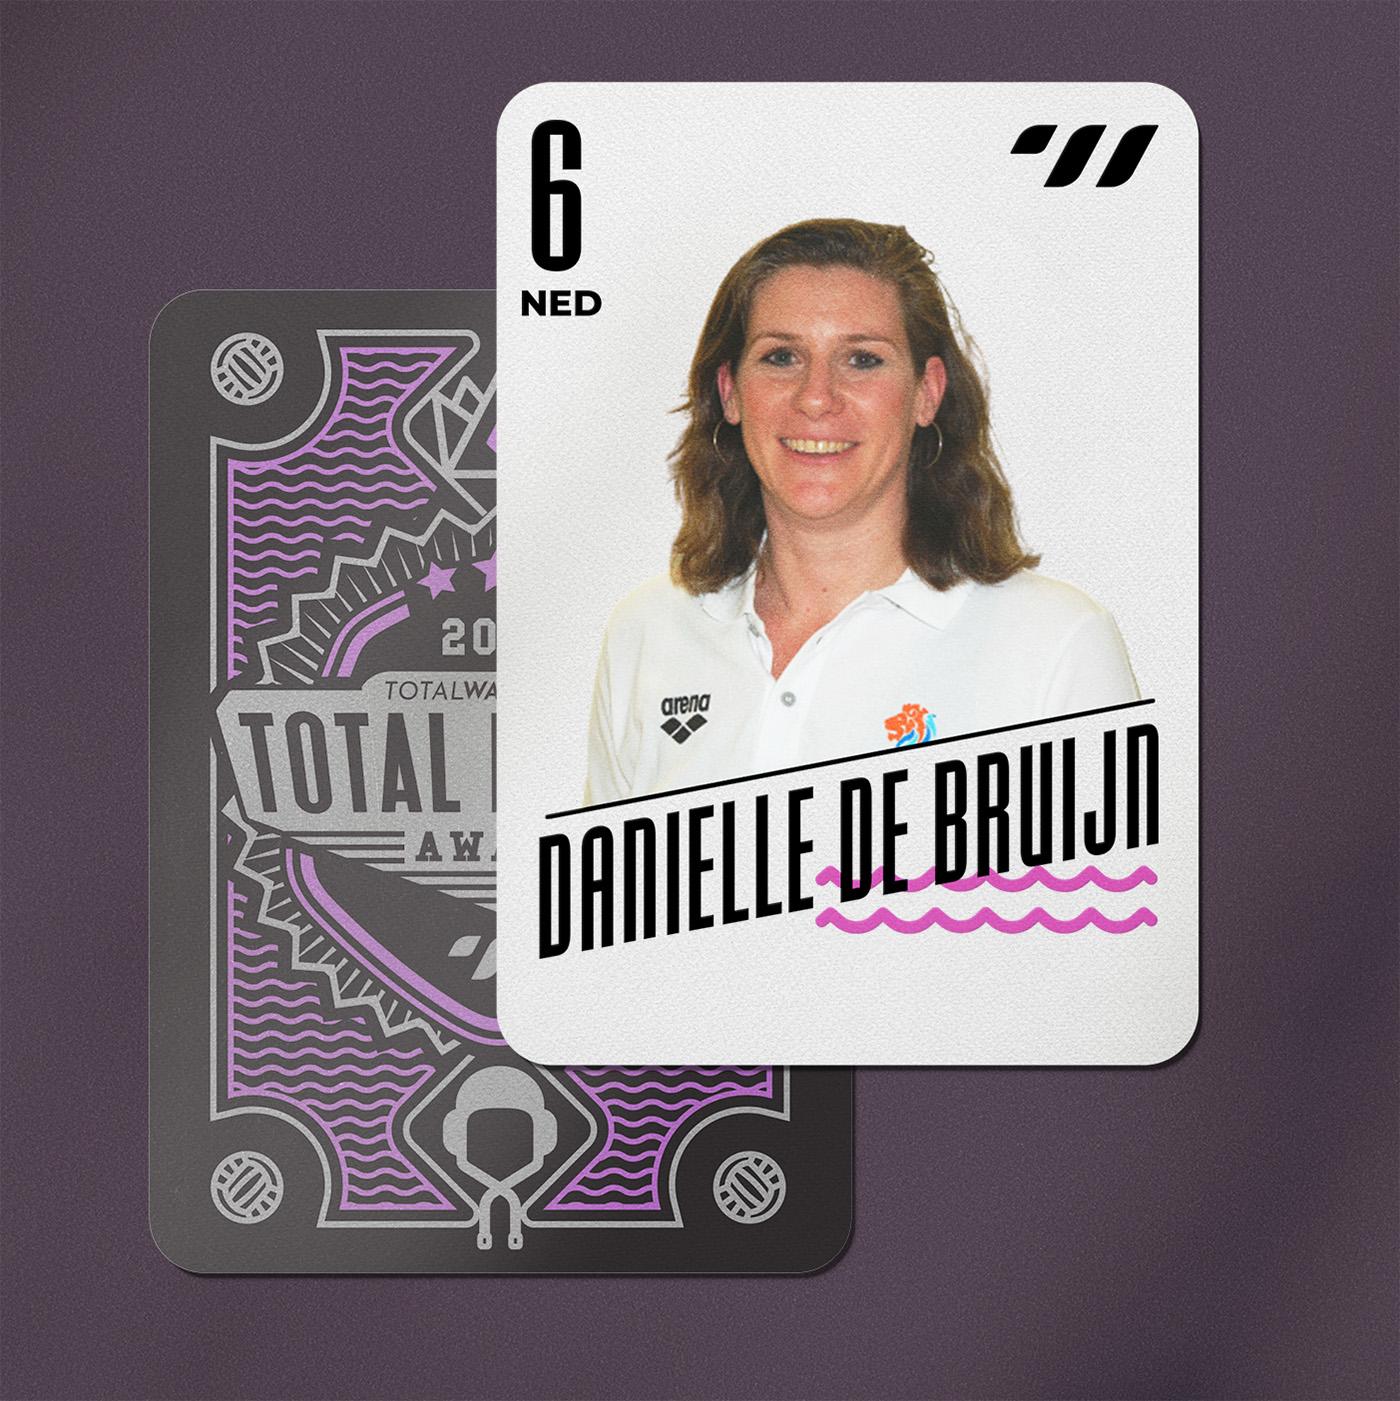 RIGHT SIDE - Danielle de Bruijn (NED) | Capt.